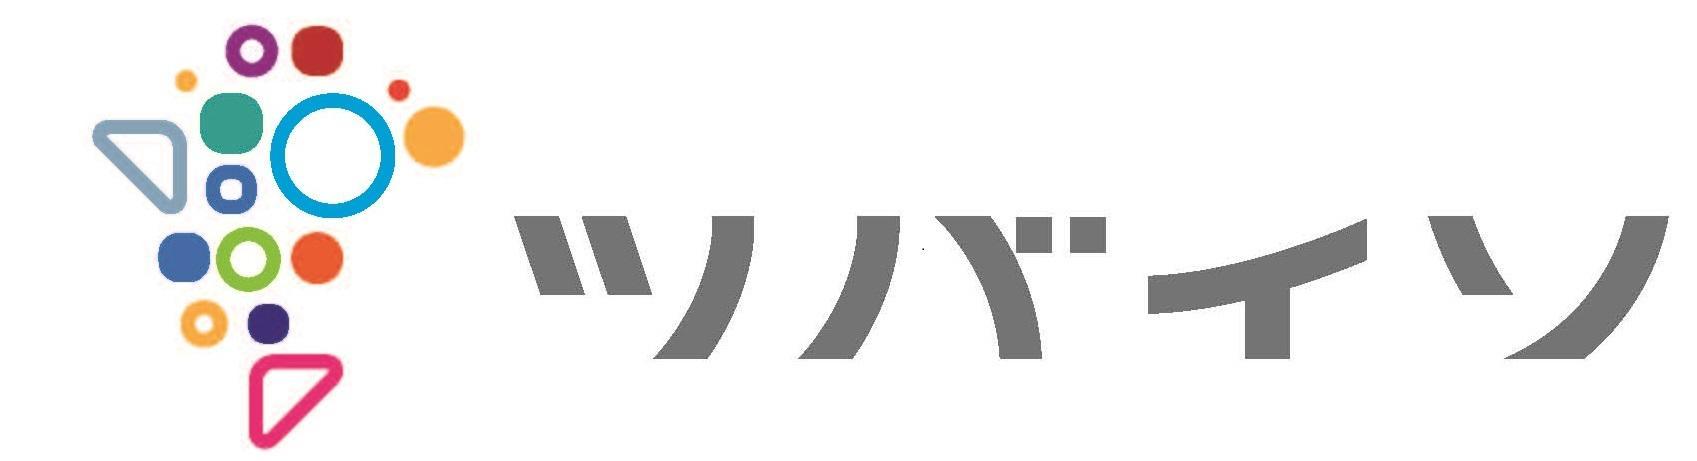 企業ロゴ(ツバイソ株式会社) (1).jpg